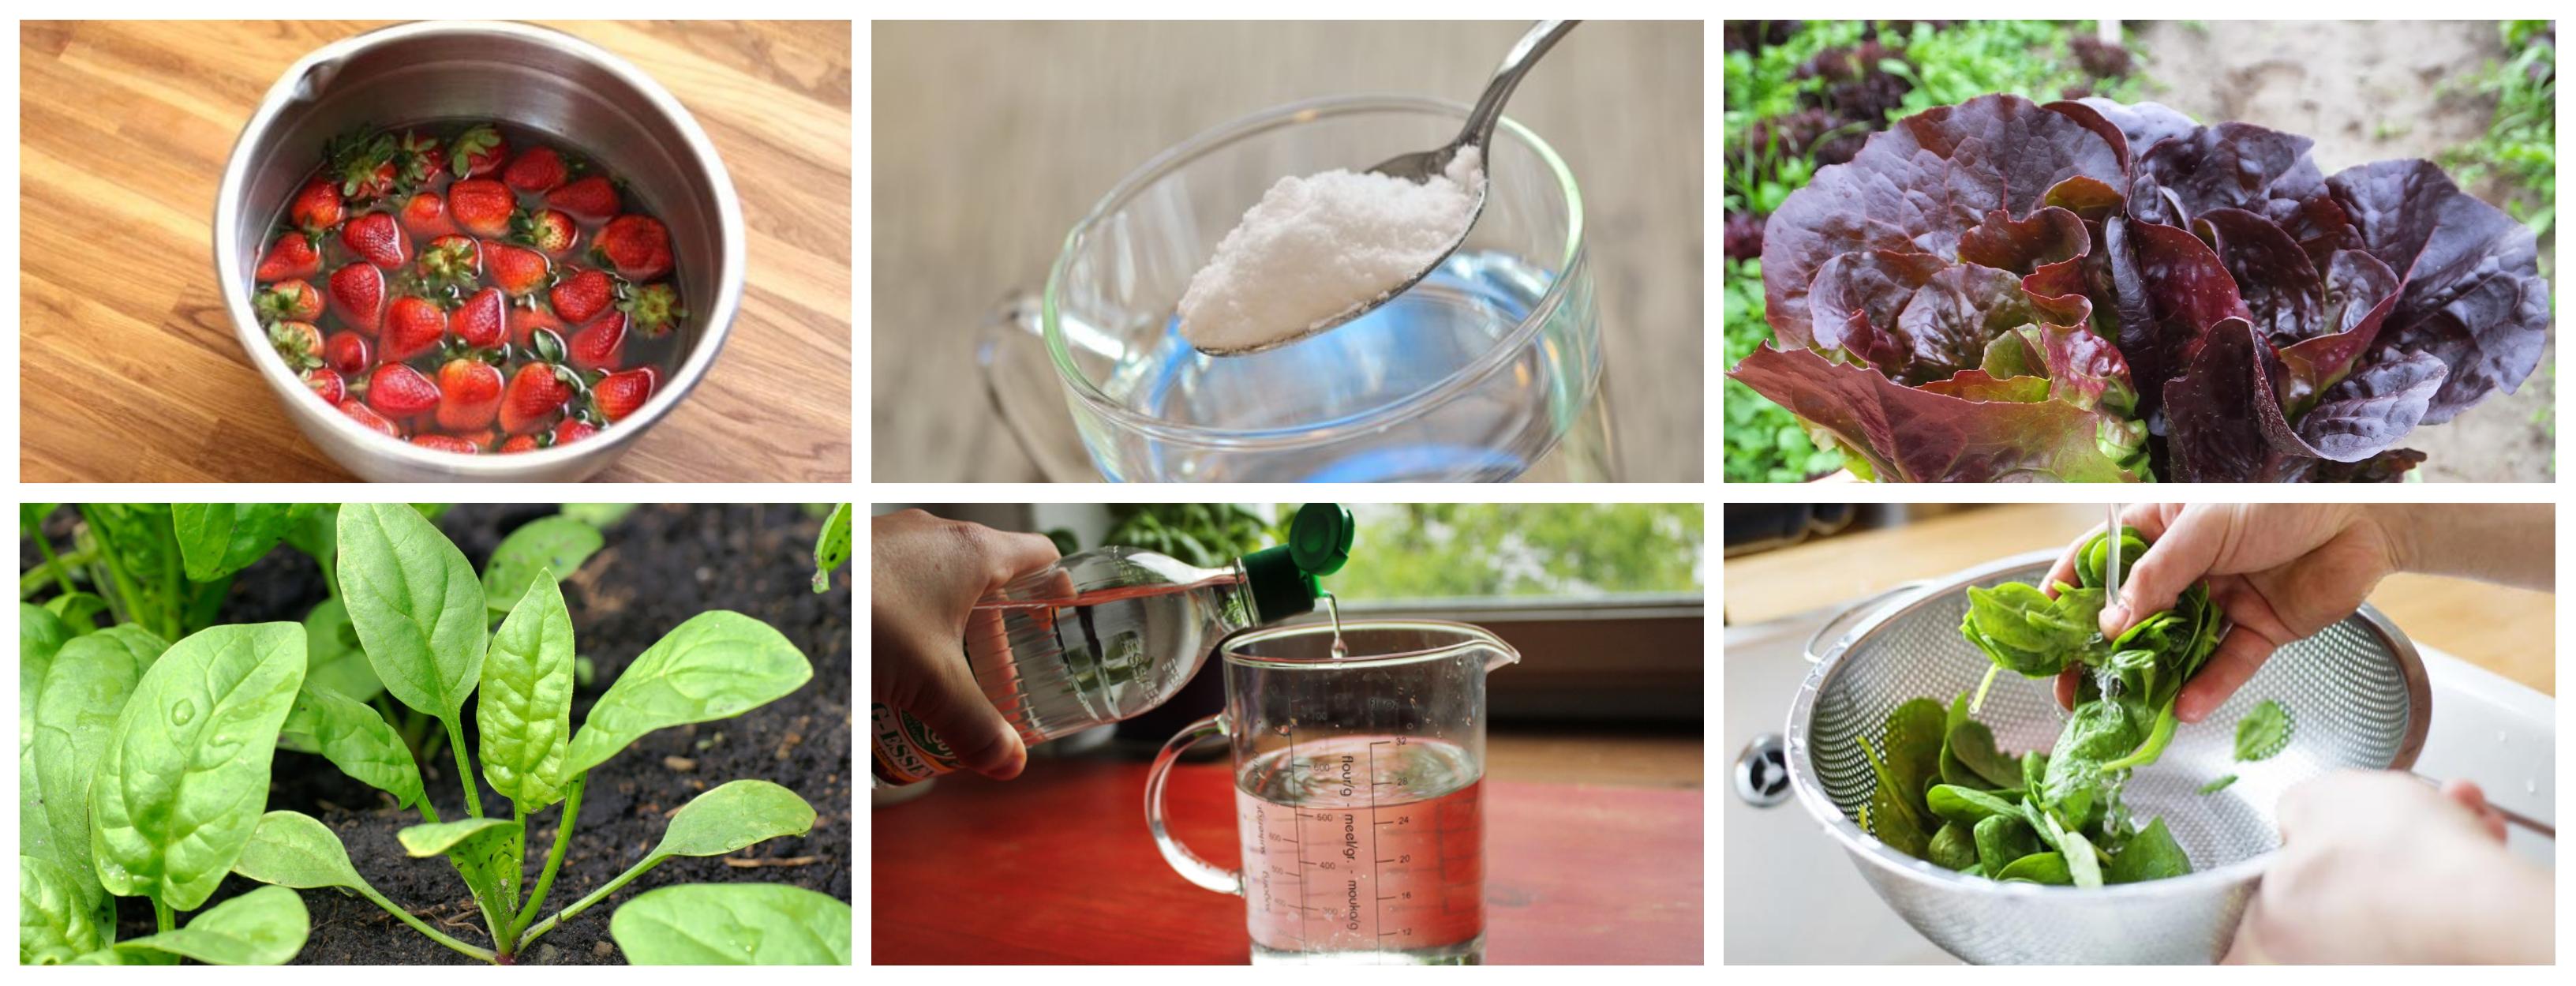 Tips Para Lavar Y Desinfectar Verduras Y Frutas Para Evitar